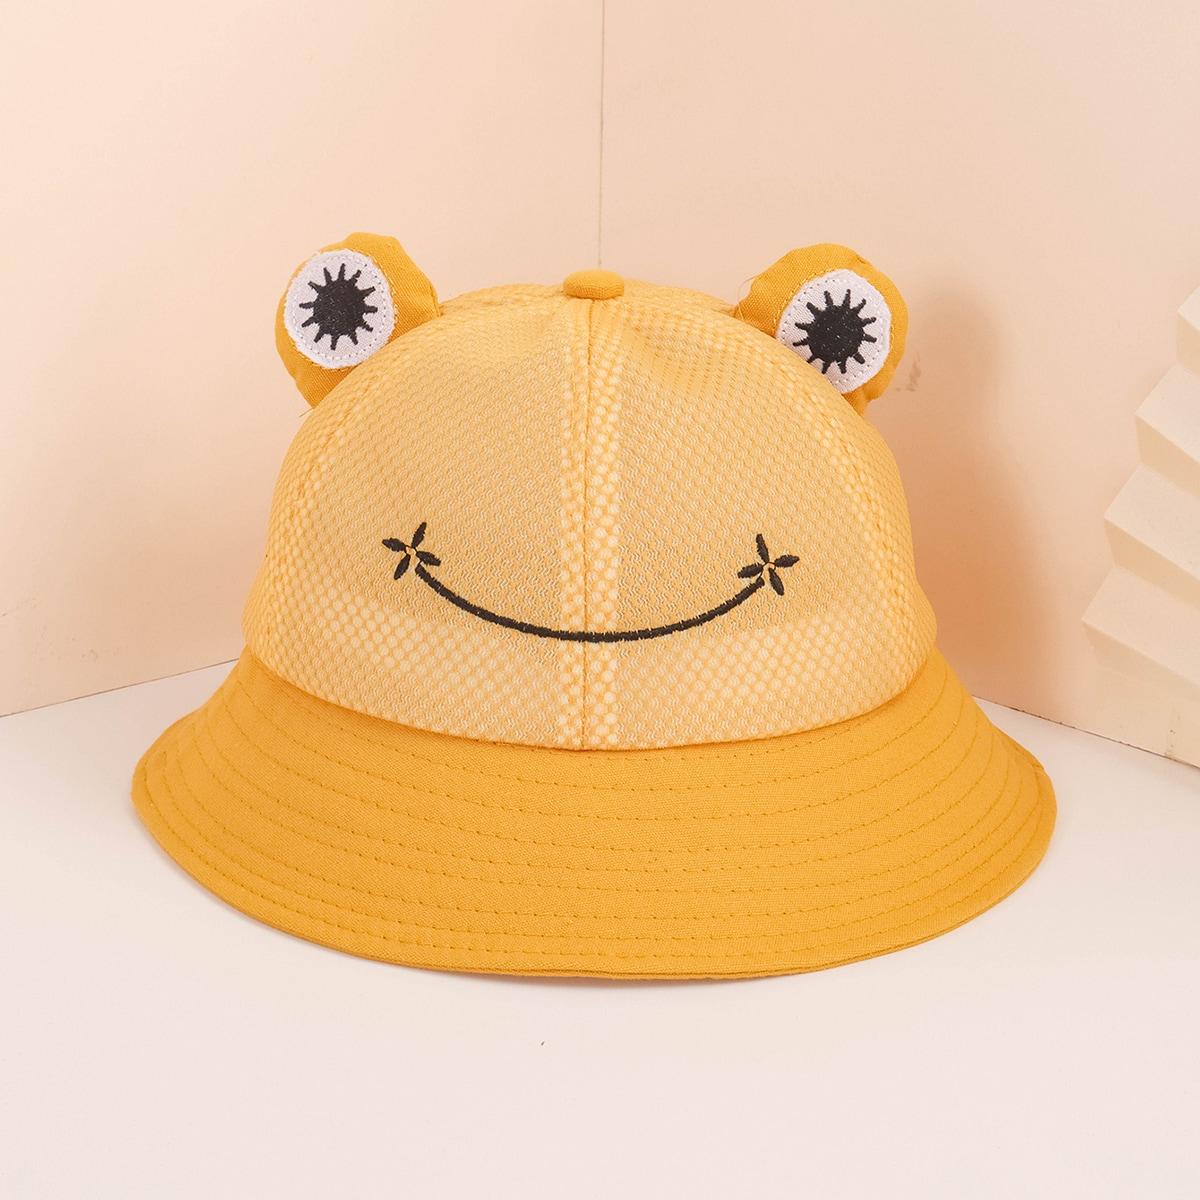 Enfant Bob design grenouille